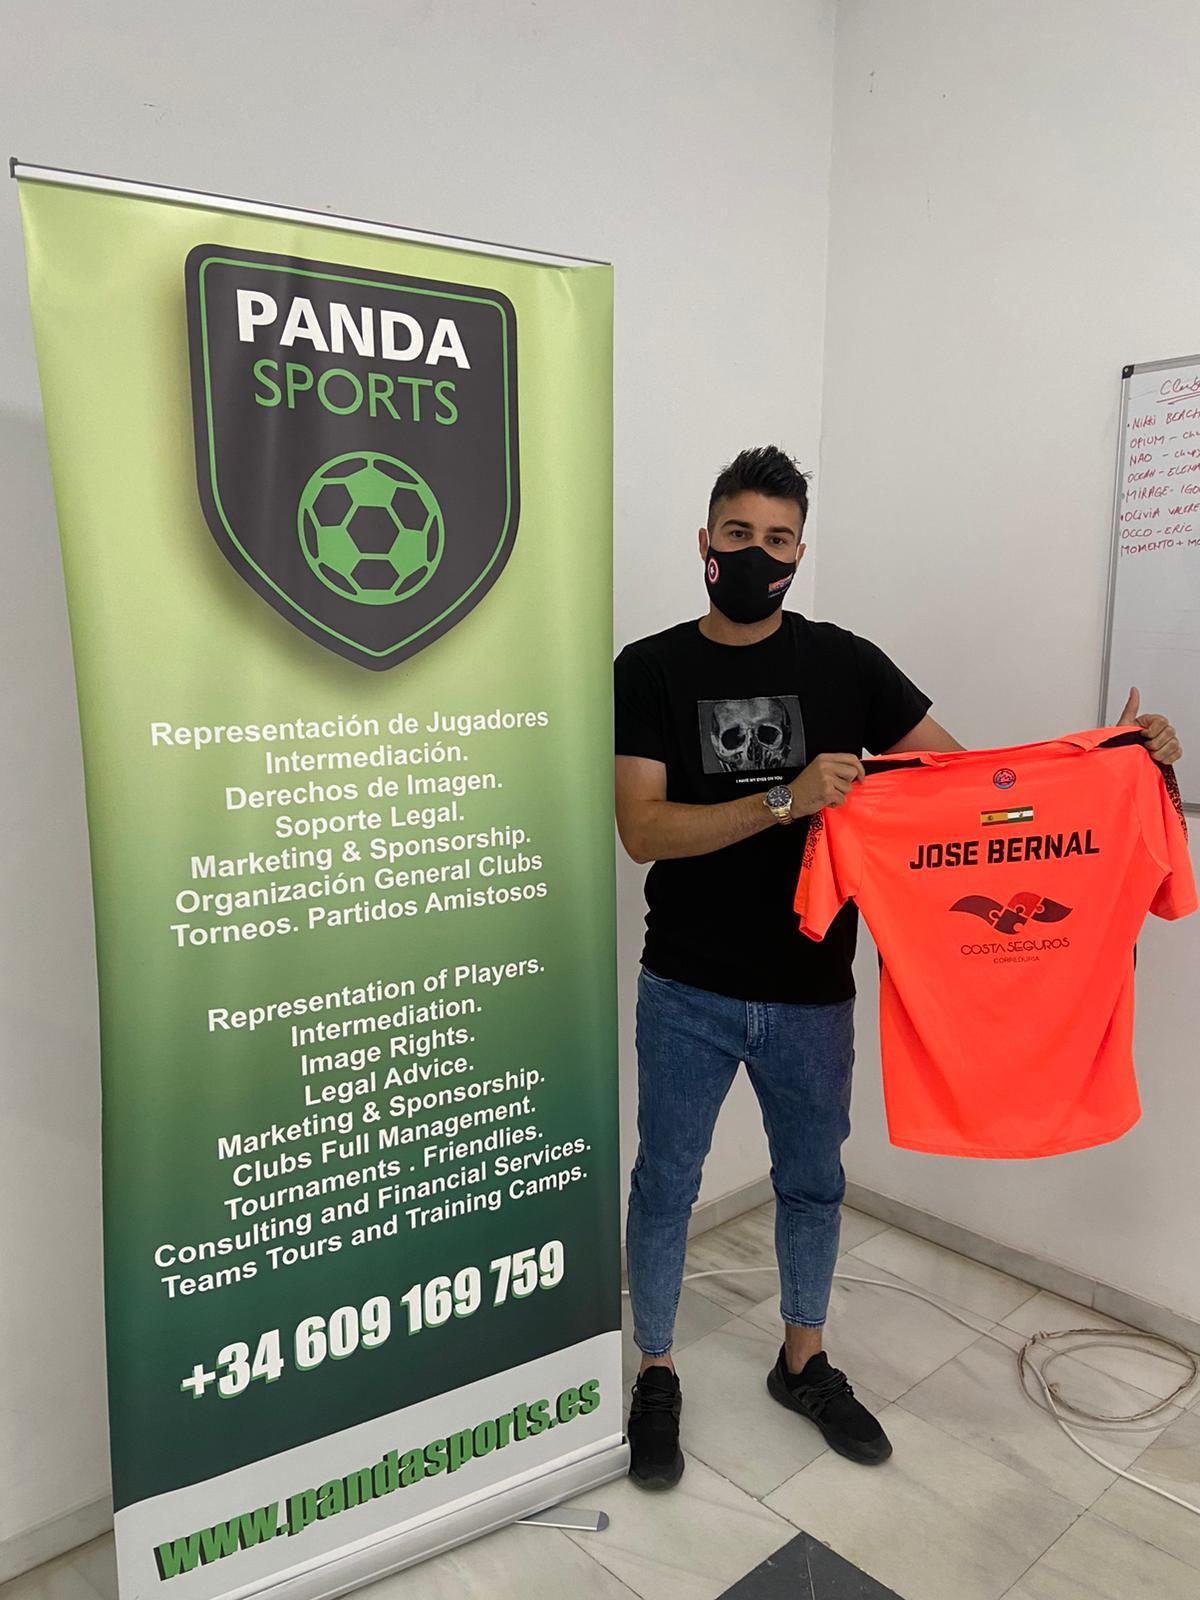 La agencia de representación e intermediación Panda Sports se adentra en el mundo del pádel de la mano del jugador marbellí José Bernal.